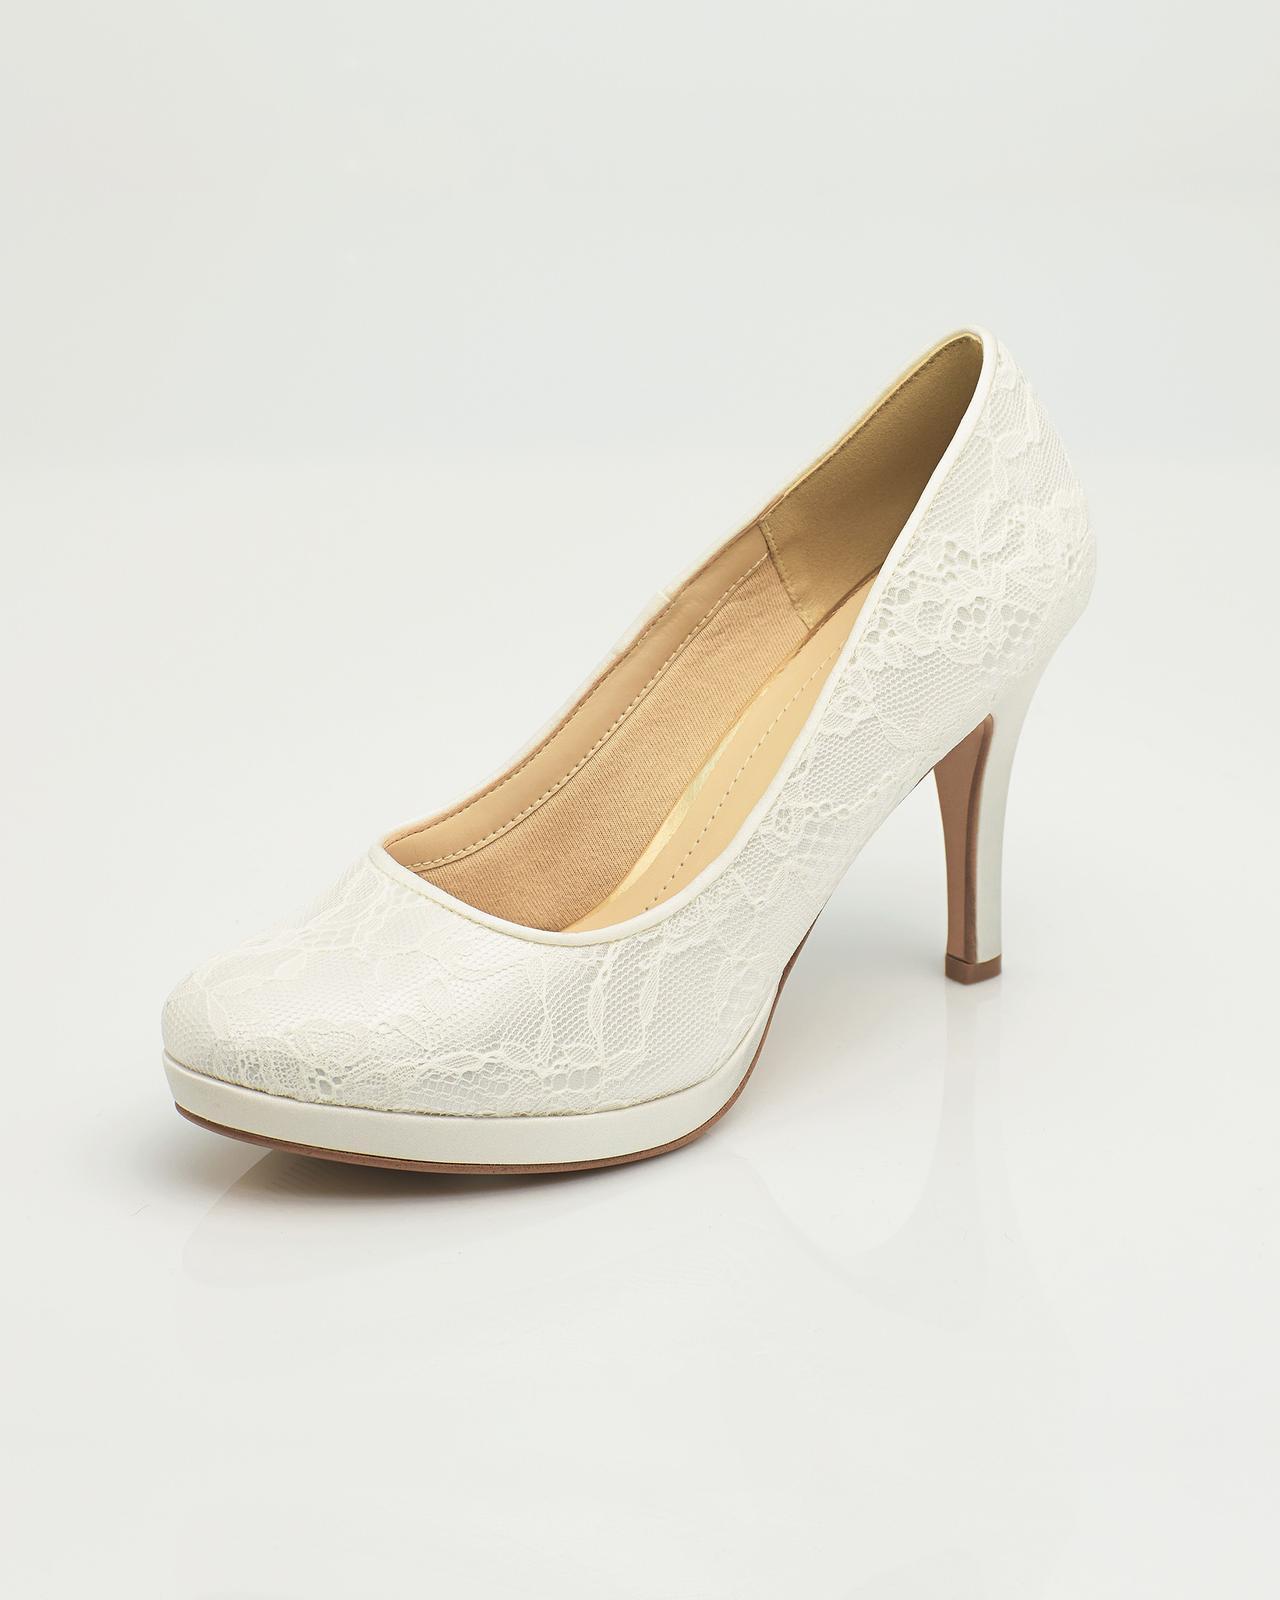 Svadobné topánky Suri - Obrázok č. 1